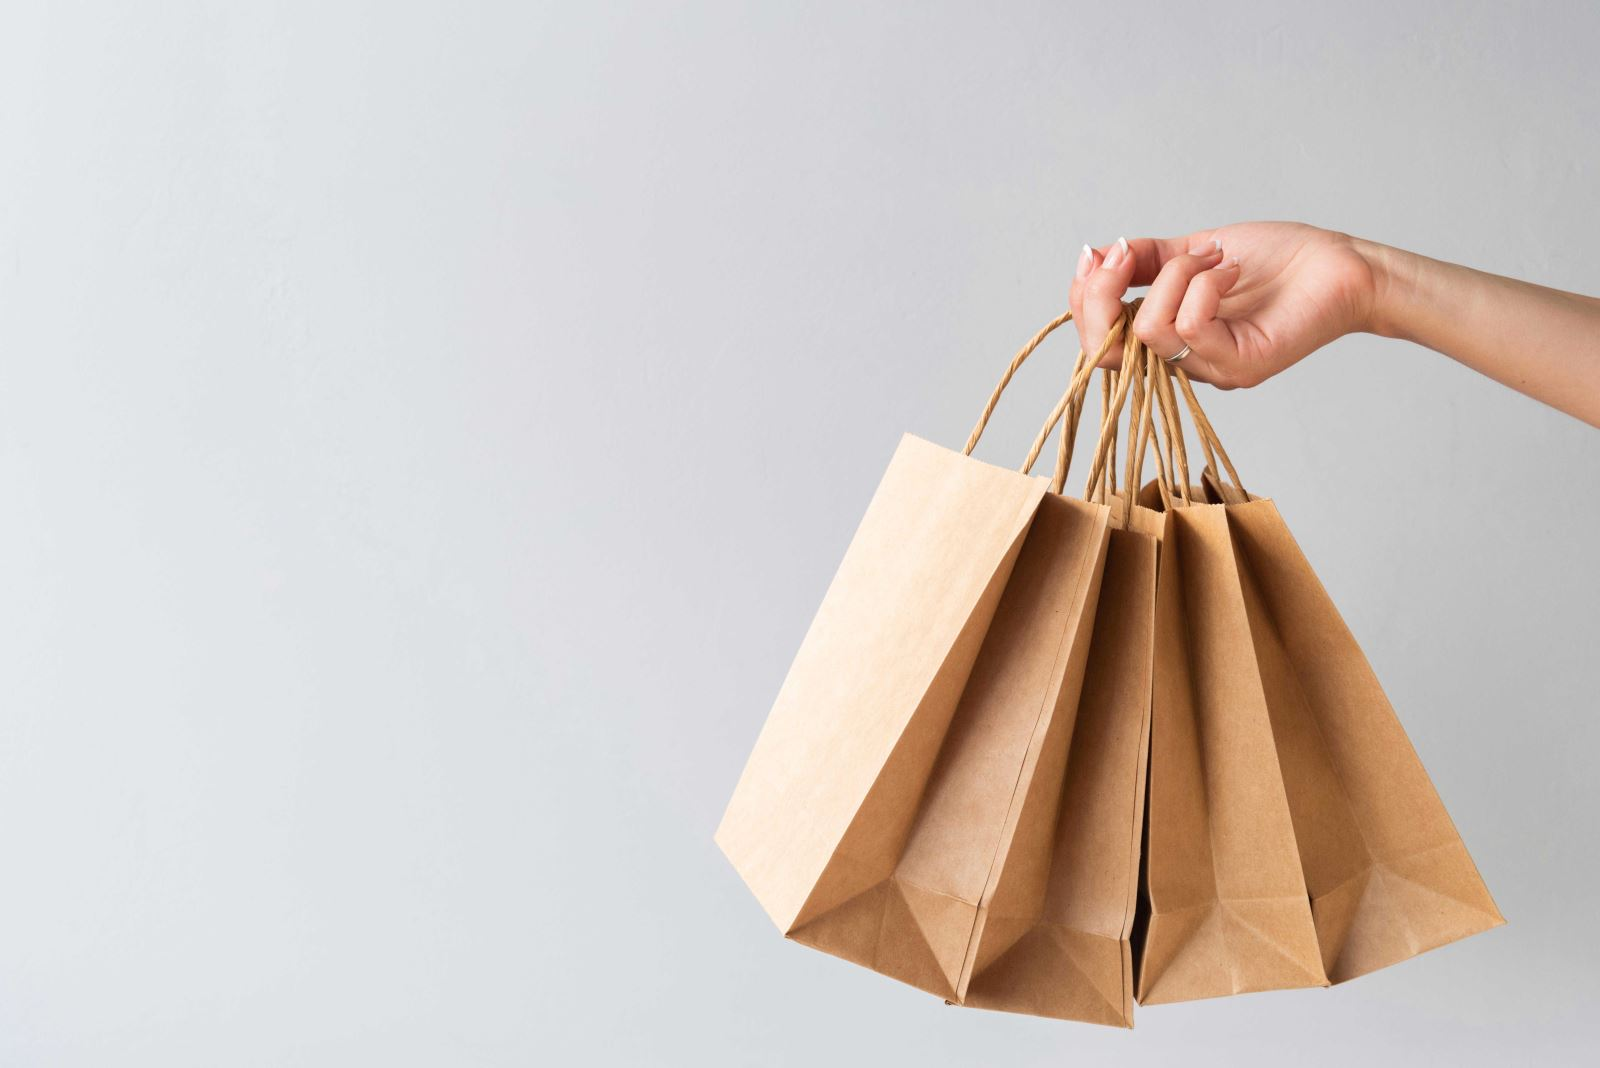 Túi giấy tái chế được sử dụng rộng rãi trên thị trường